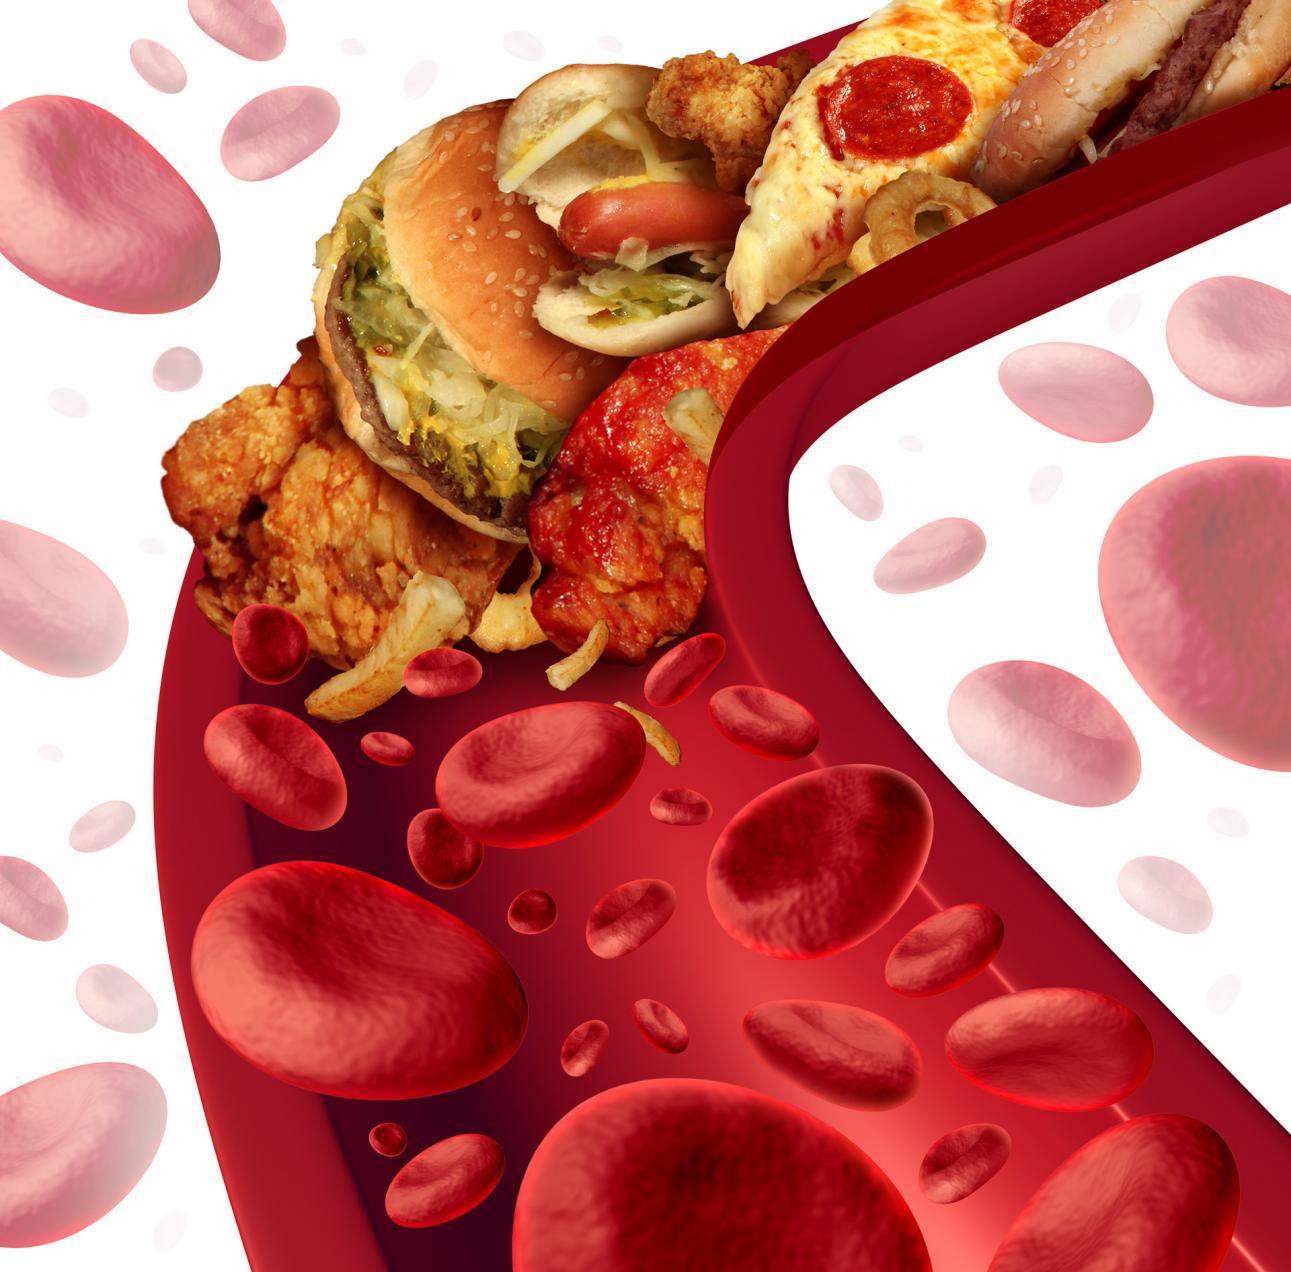 摄图网_300848074_banner_胆固醇阻断了动脉的医学,人体血管被健康的食物堵塞,如汉堡包油炸食品,健康风险的隐喻,节食营养问题如饮食脂肪(非企业商用)